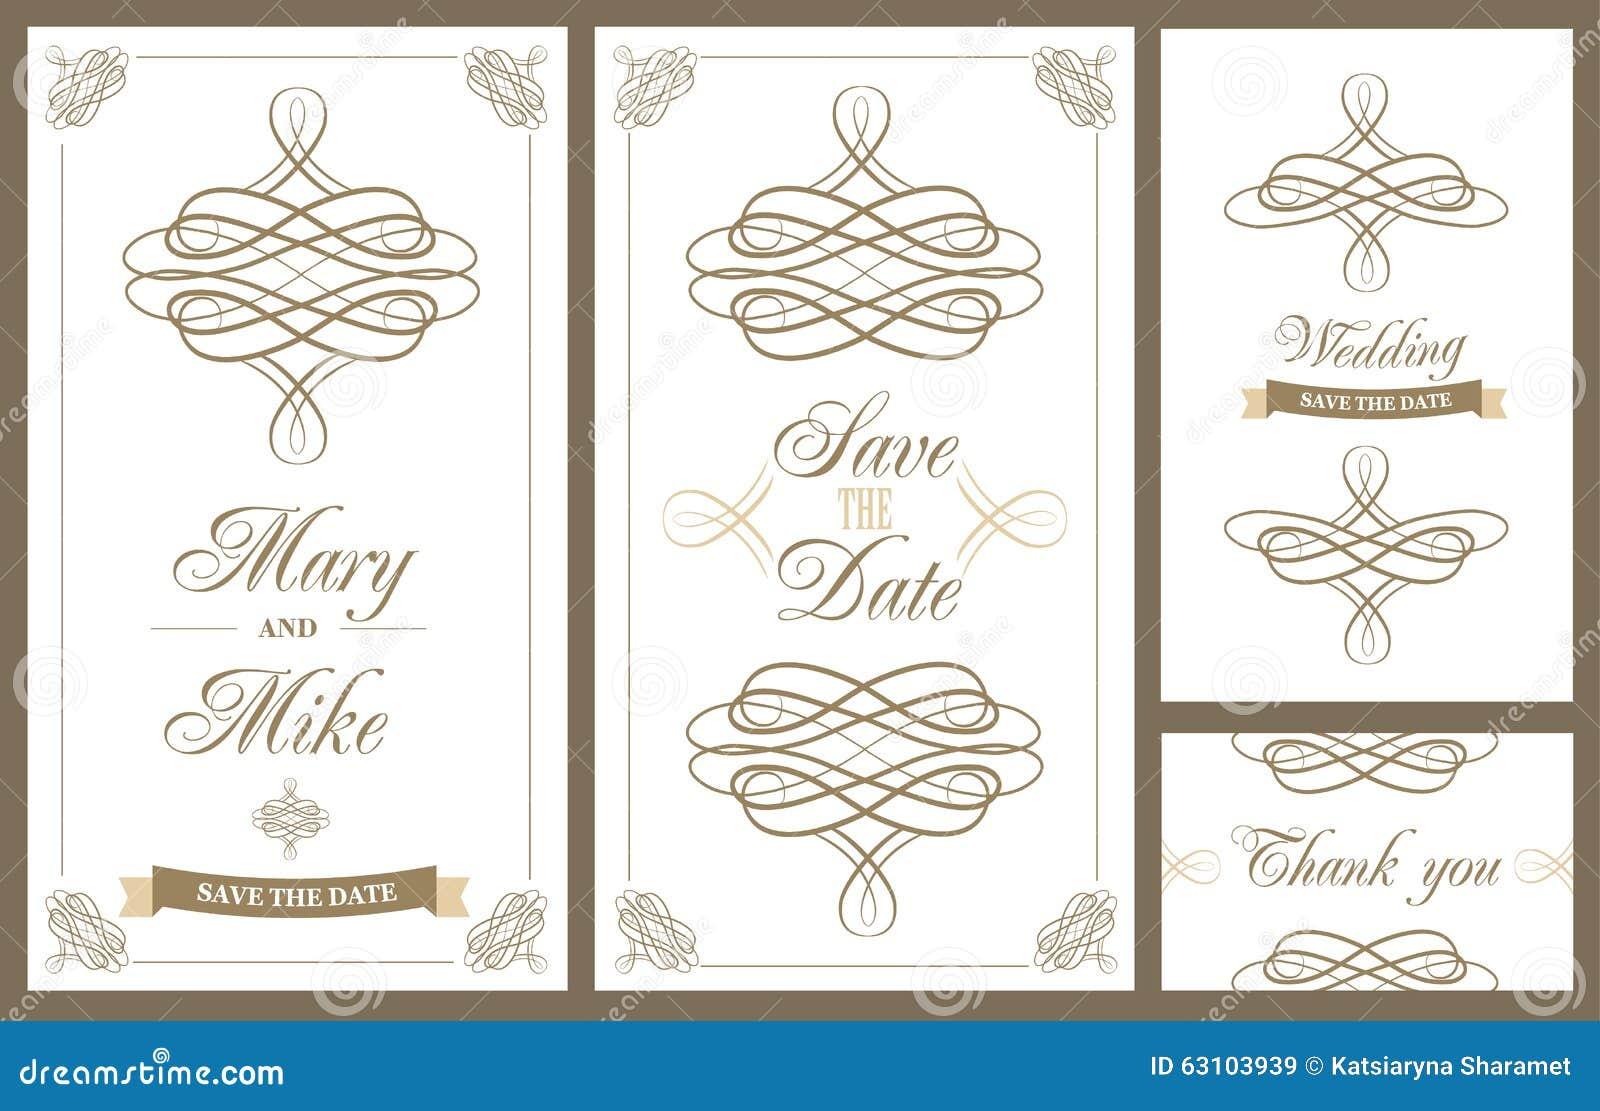 Tarjeta del vintage de la invitación de la boda con los elementos decorativos florales y antiguos